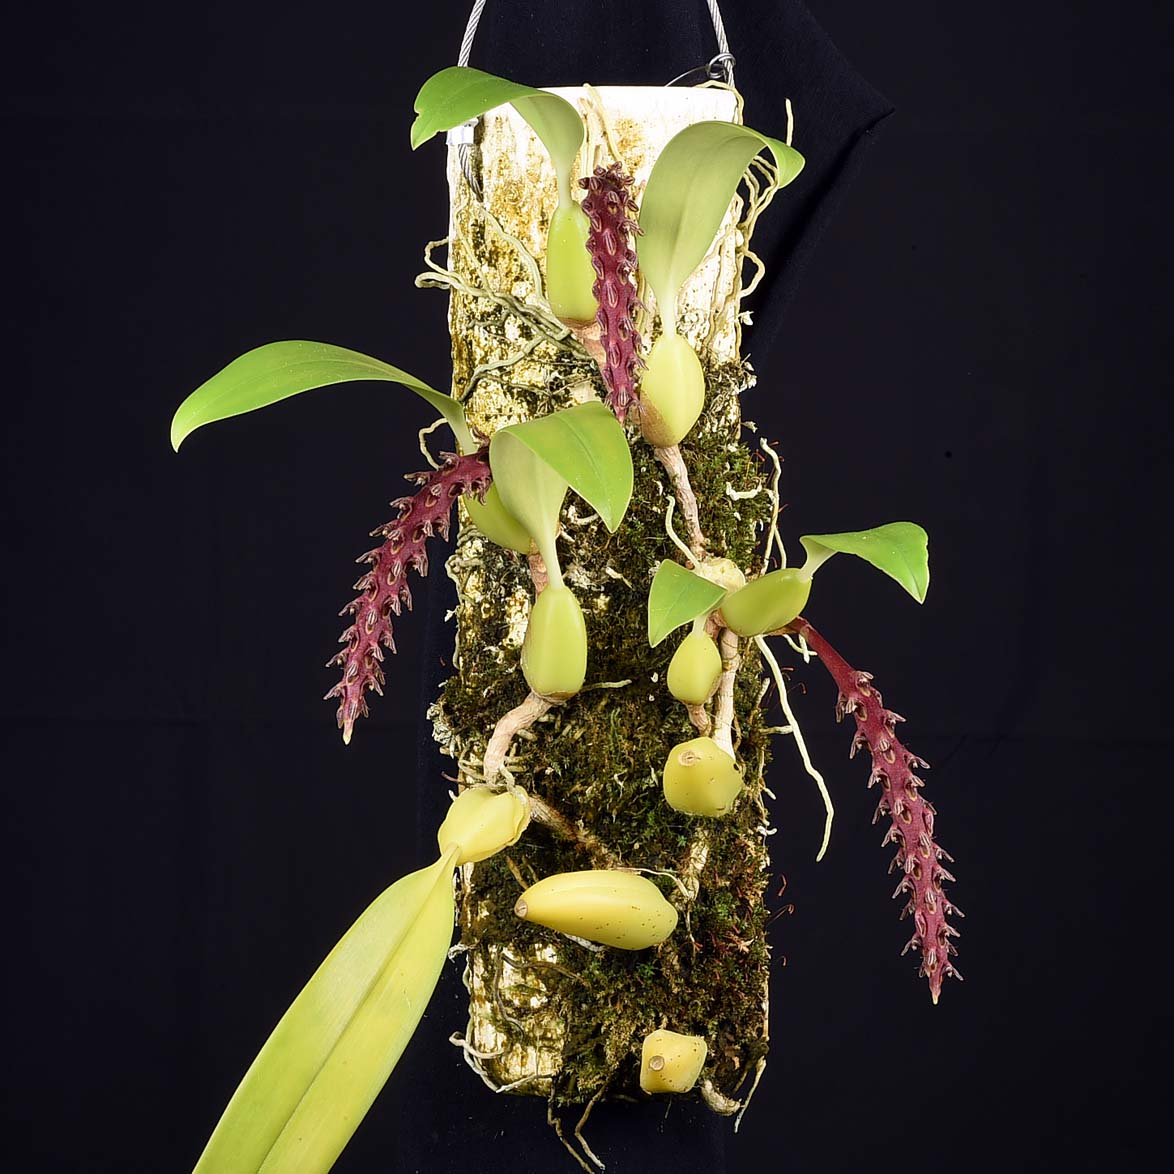 Bulbophyllum saurocephalum